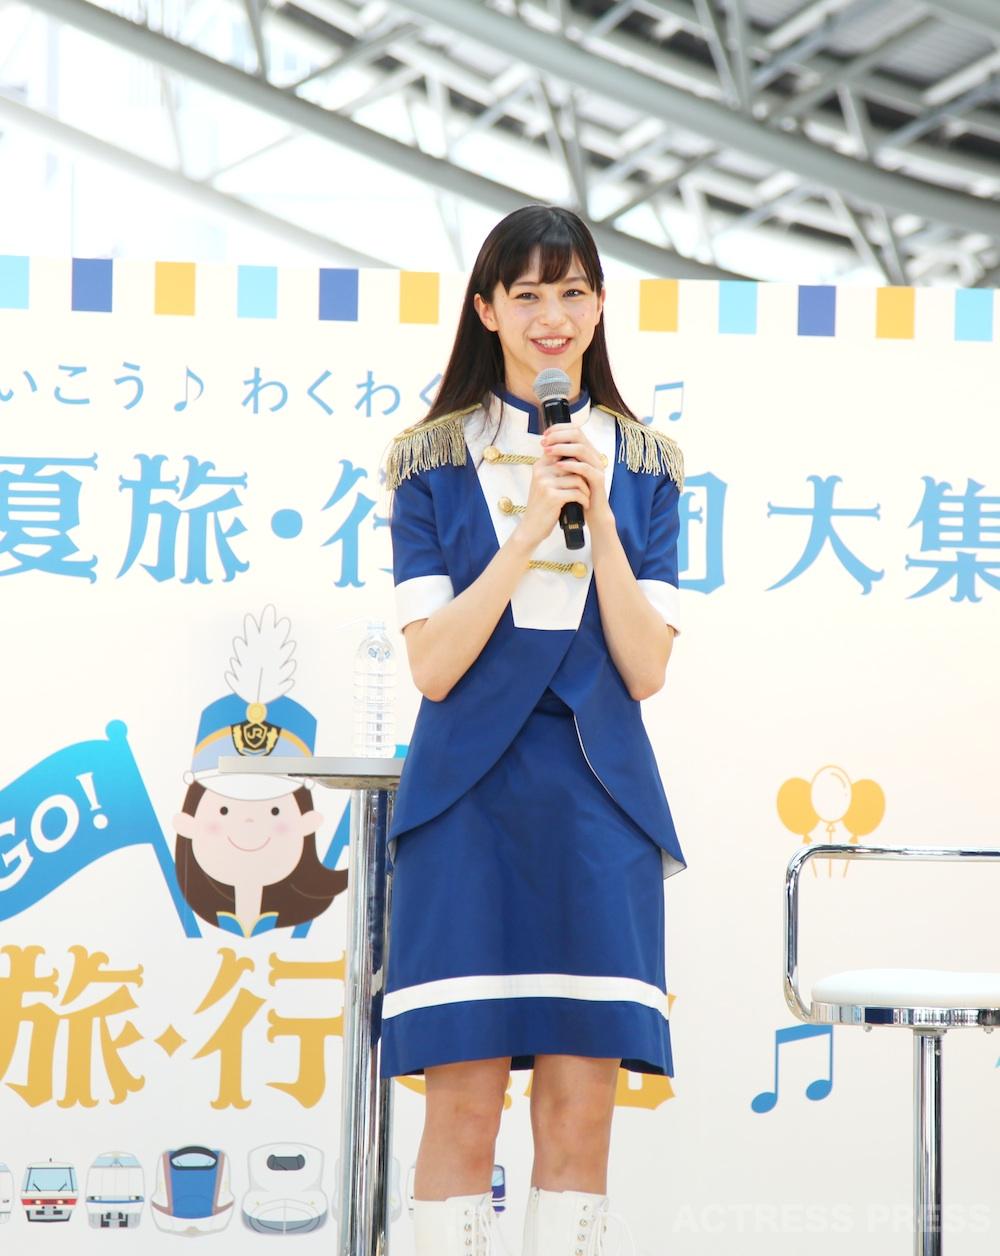 中条あやみ、マーチング衣装で「夏旅」を語る!「GO!GO!夏旅・行進曲」